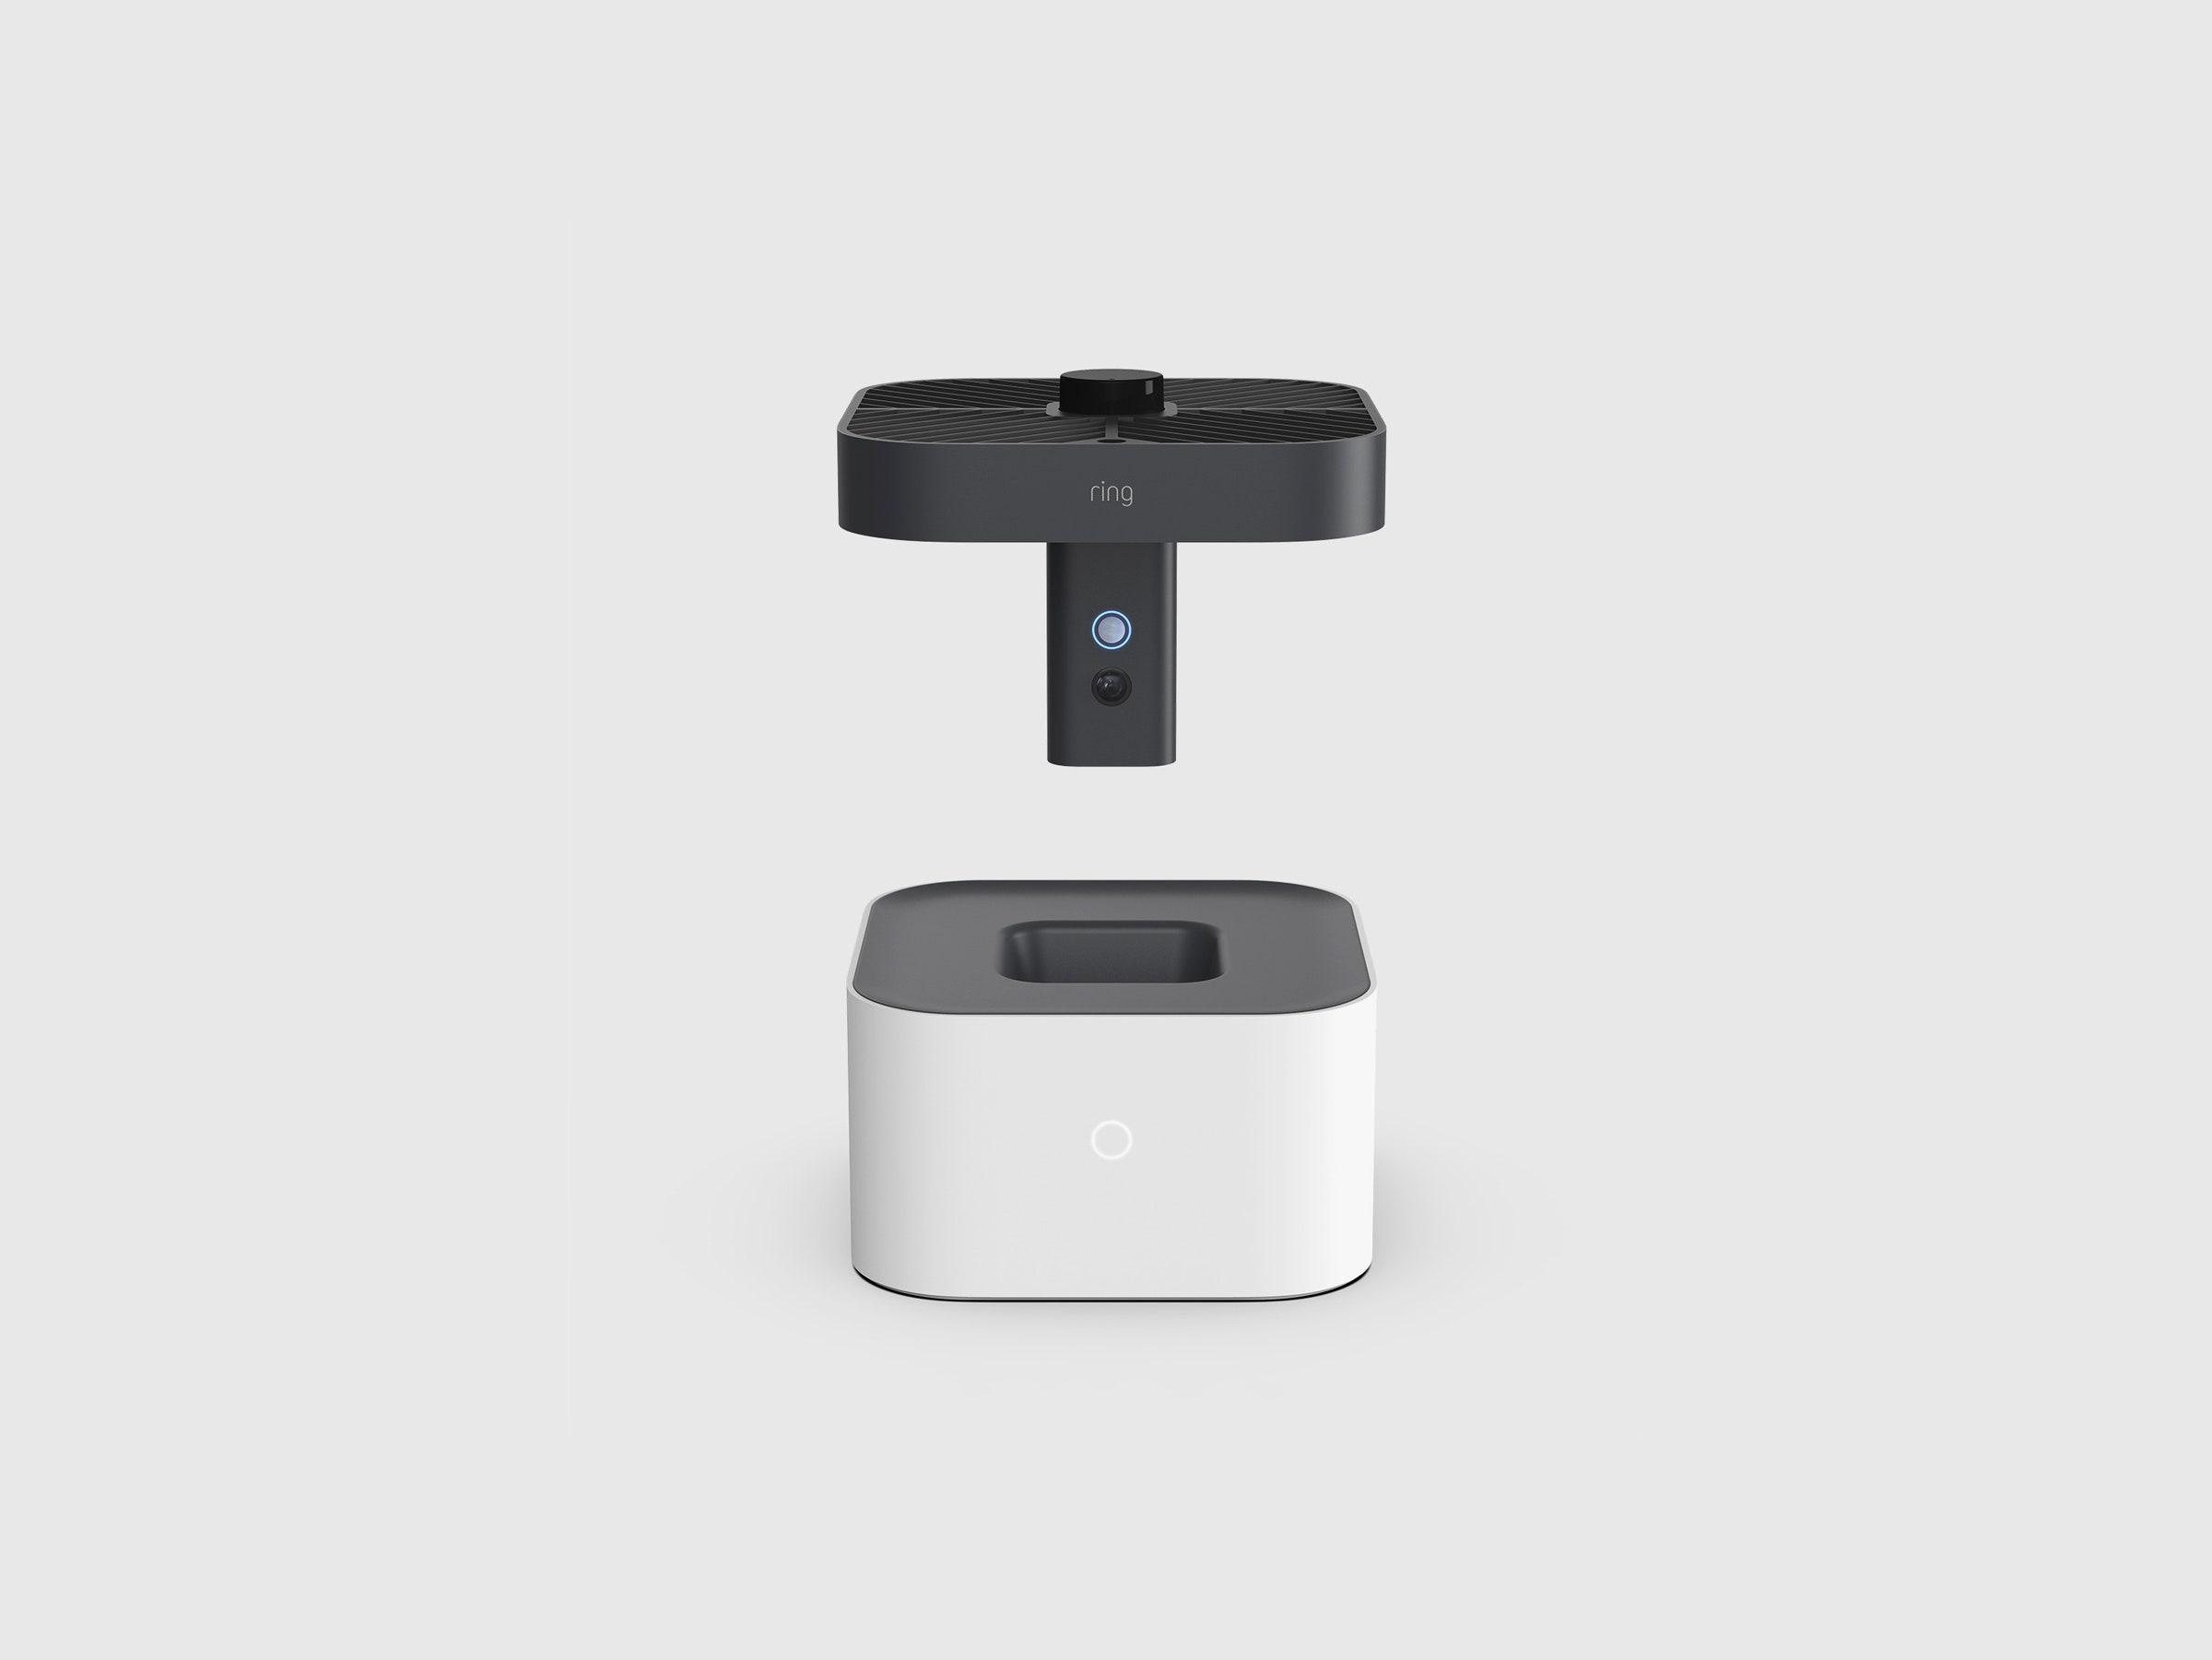 Obrázek: Domácí bezpečnostní kamera vpodobě létajícího dronu? Skvělý nápad, řekl si Amazon